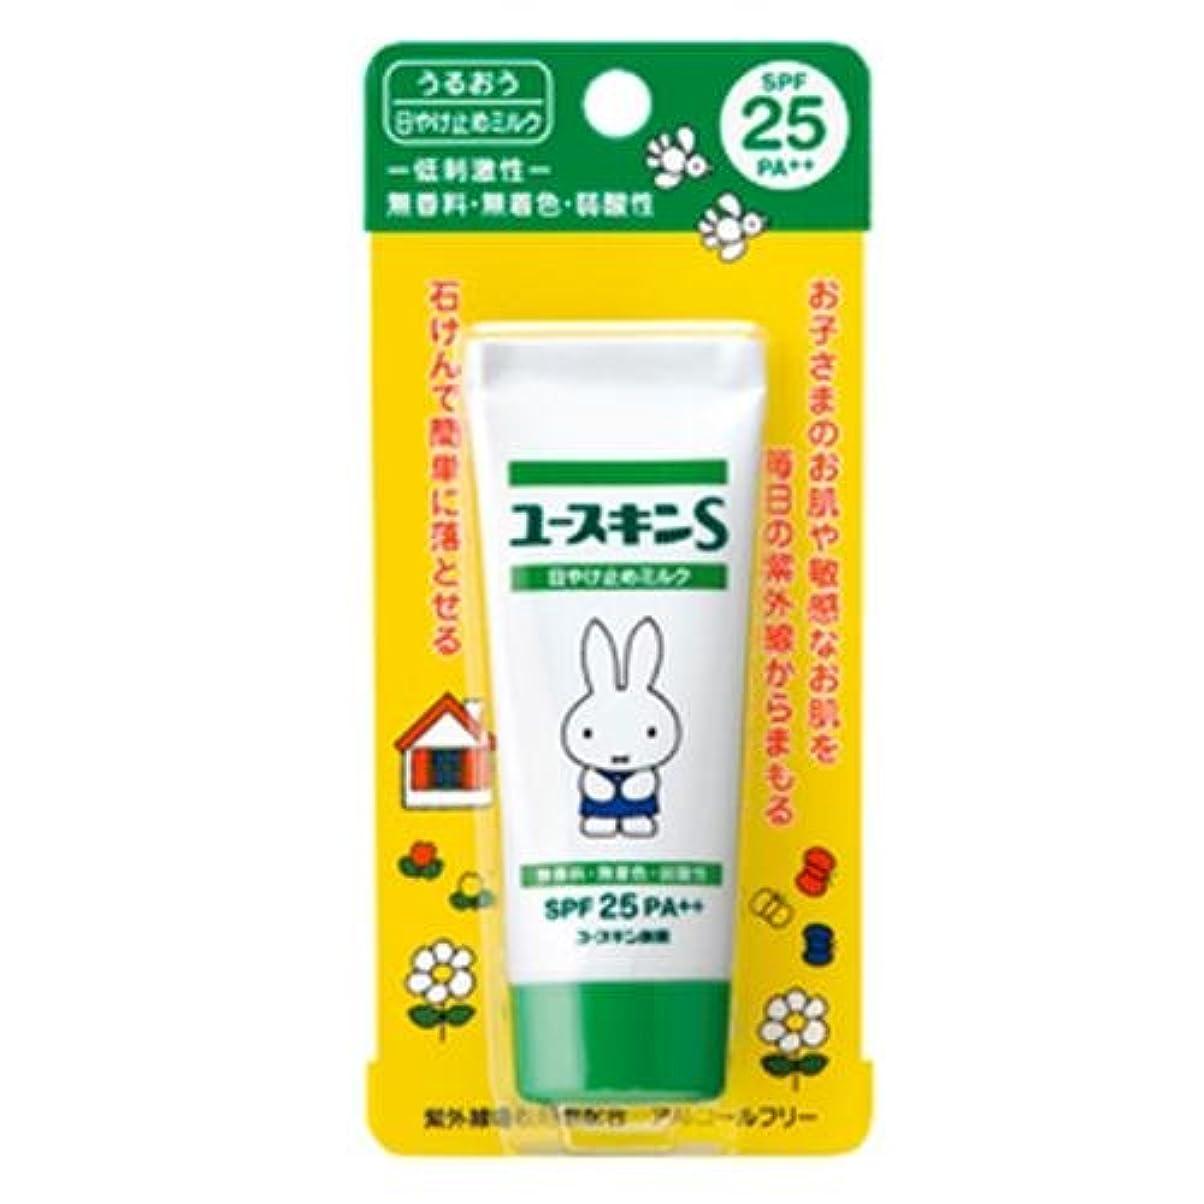 倫理しつけ衝動ユースキンS UVミルク SPF25 PA++ 40g (敏感肌用 日焼け止め)